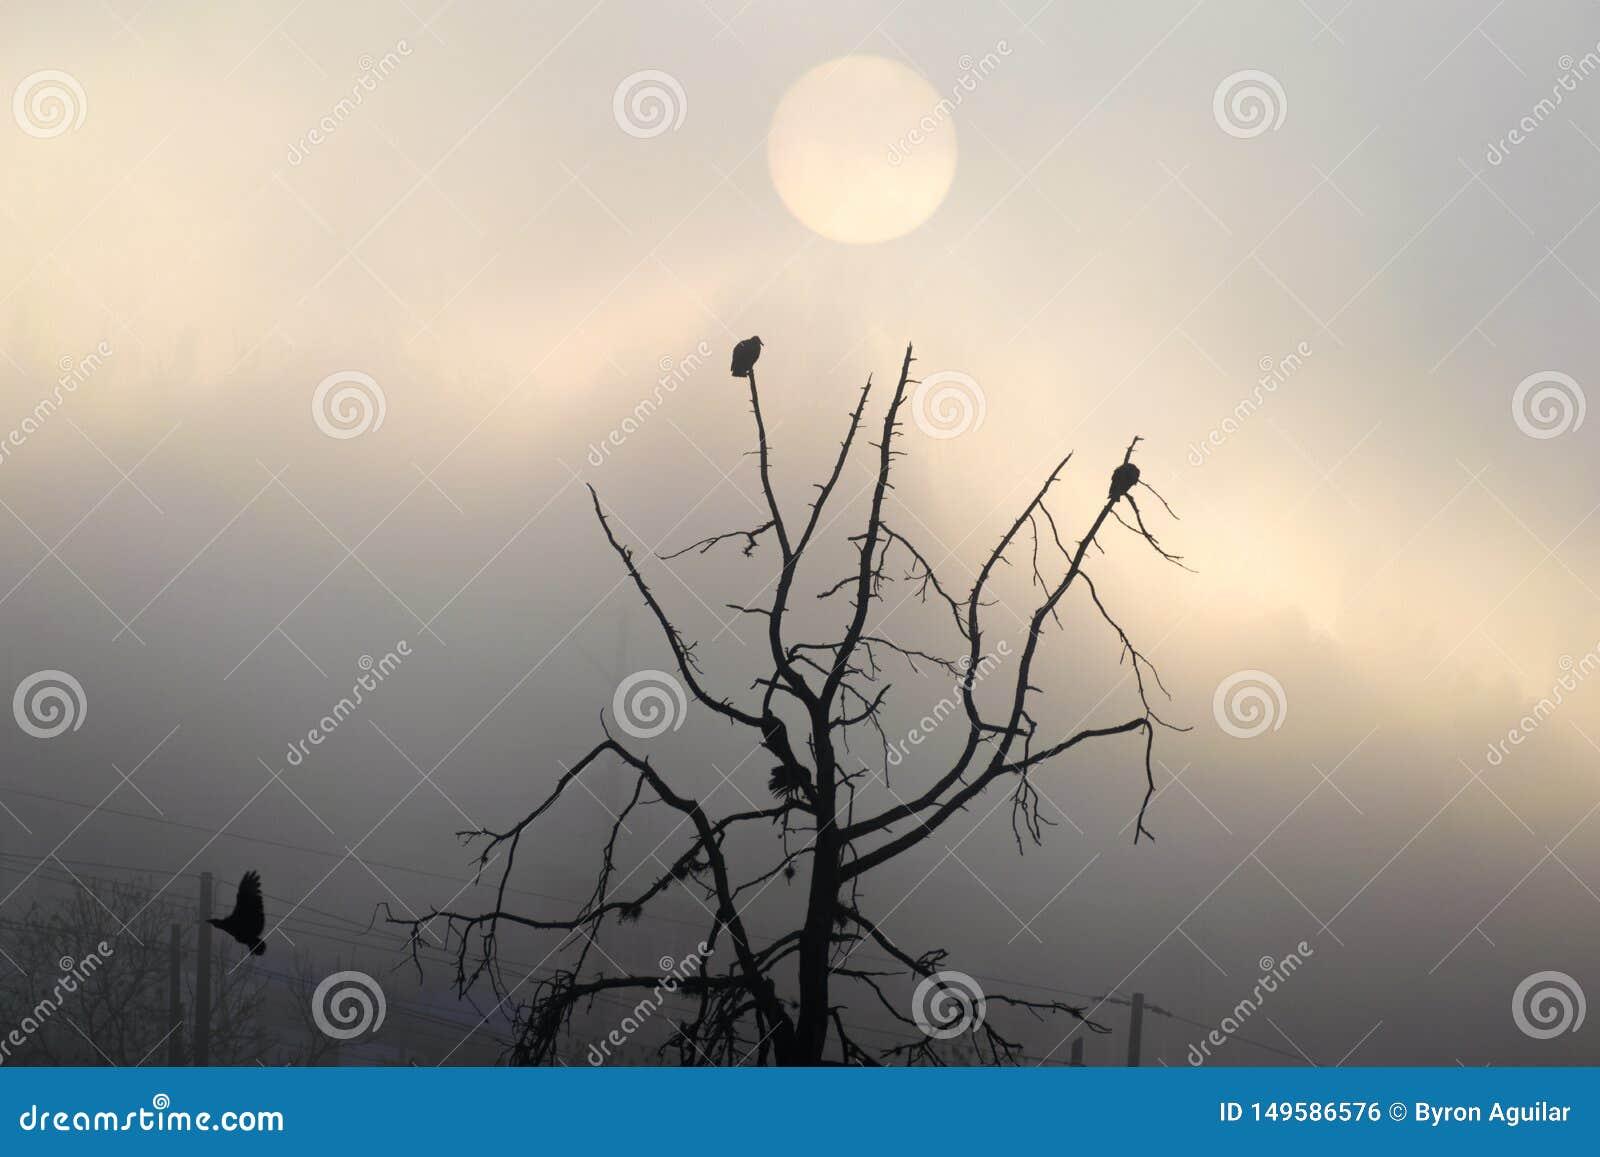 Ανατολή στη Γουατεμάλα, δέντρο με τις καρακάξες που βγάζει την πτήση Ήλιος στην υδρονέφωση